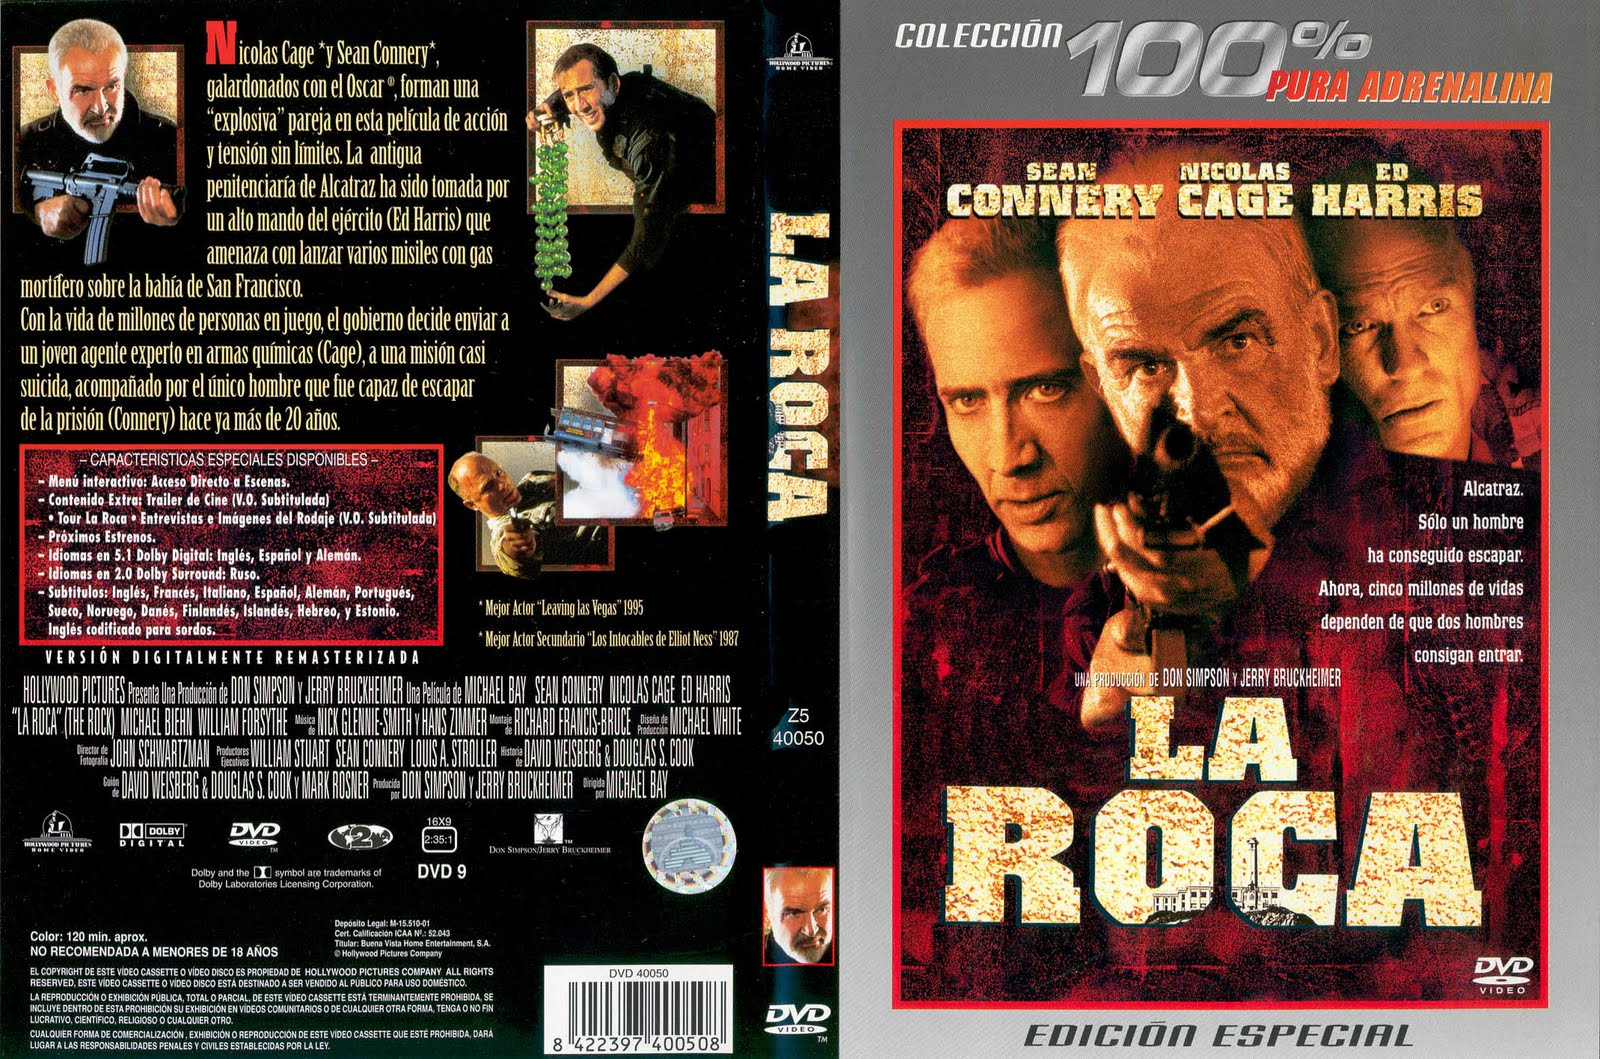 La roca the rock tus actores for La roca film